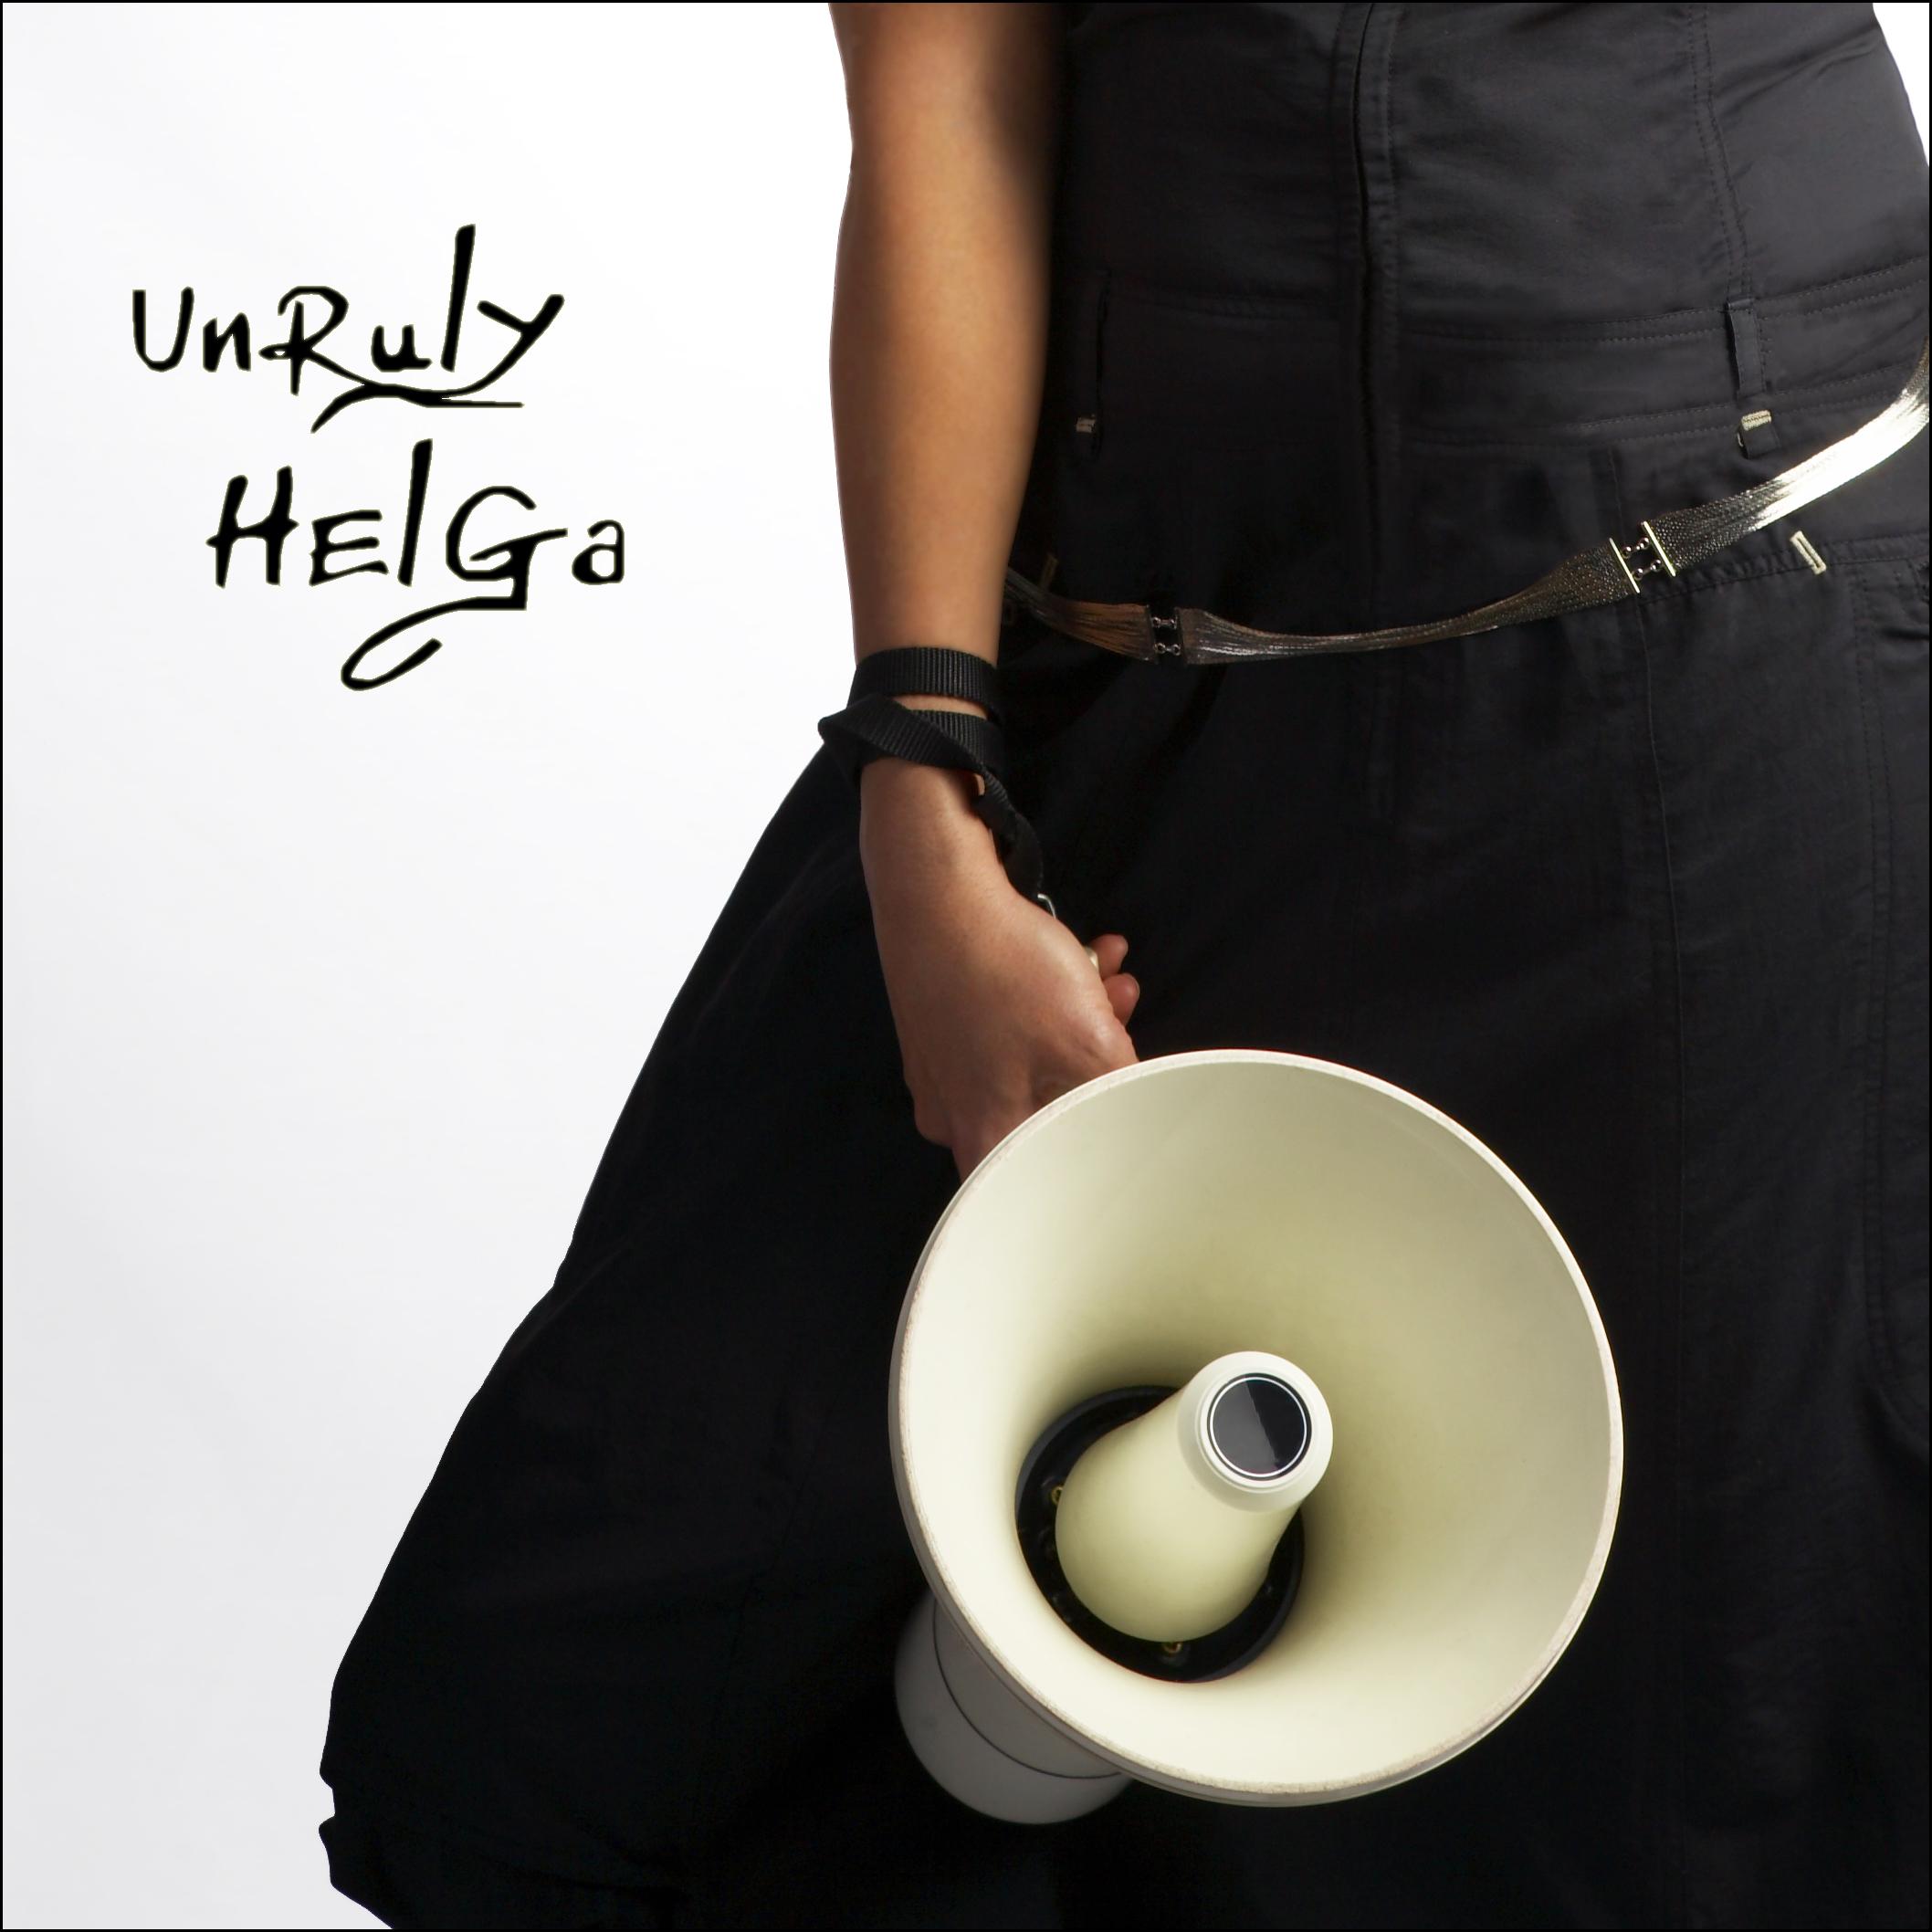 Unuruly Helga 03